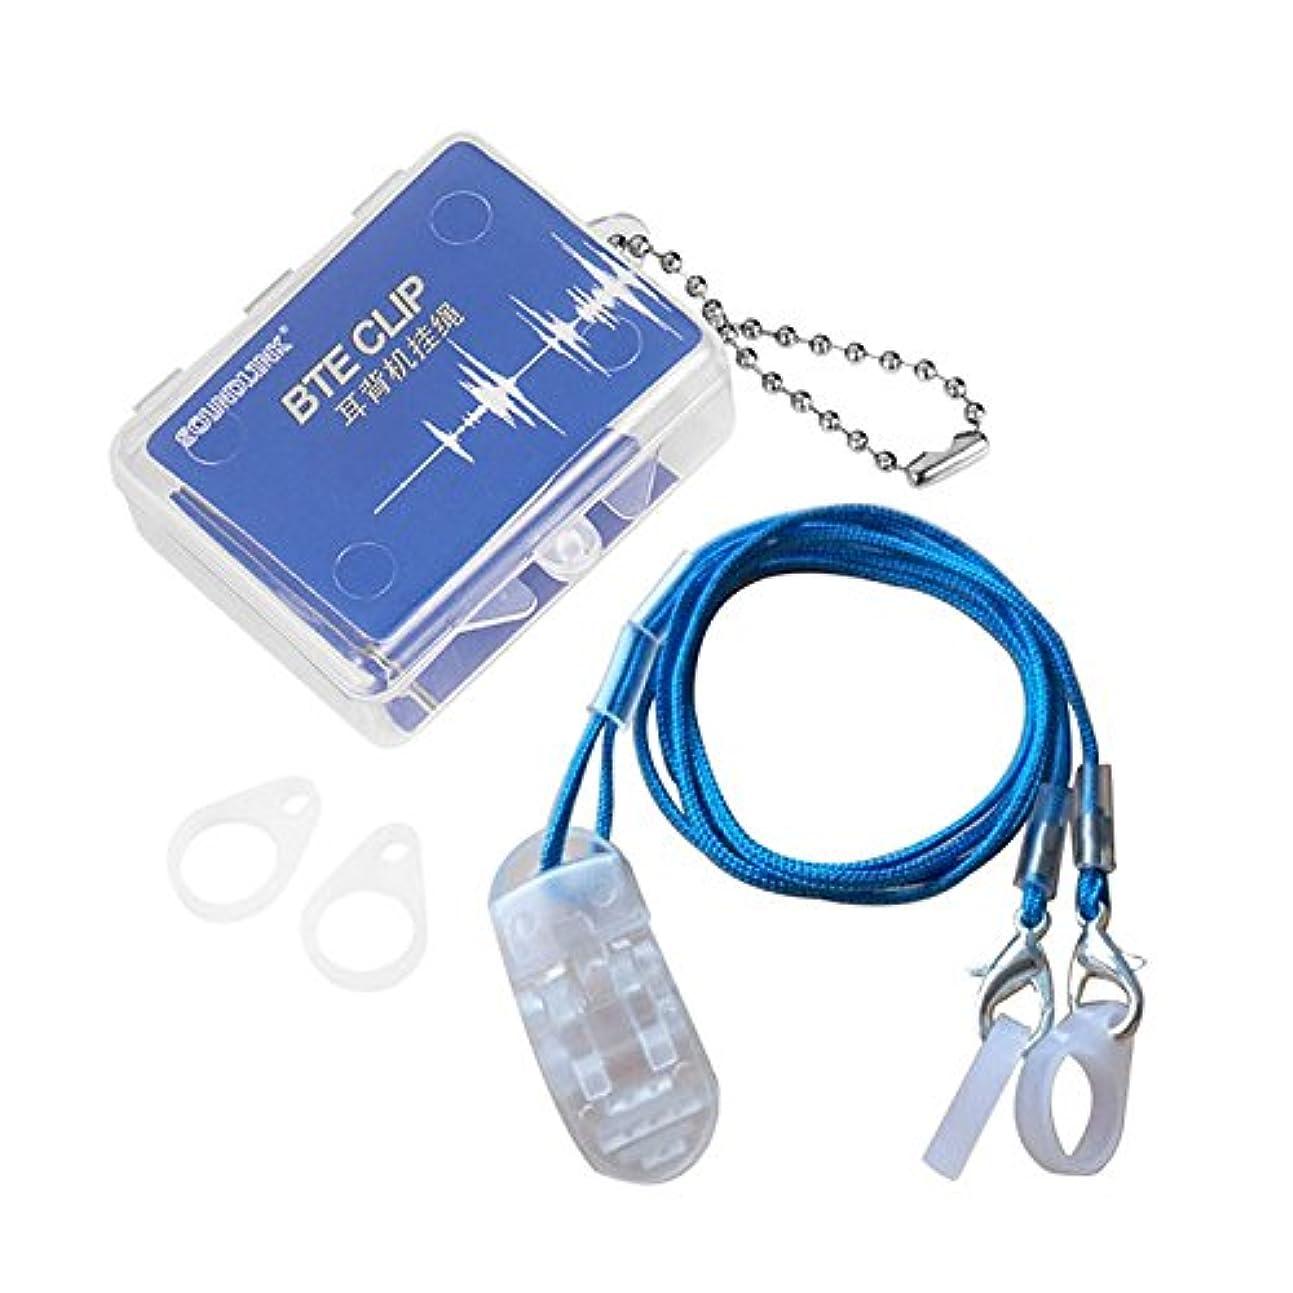 過ち廃止時間Rabugoo 3個/セットBTEの補聴器ロストロープストラップ保護ロープストレージボックス